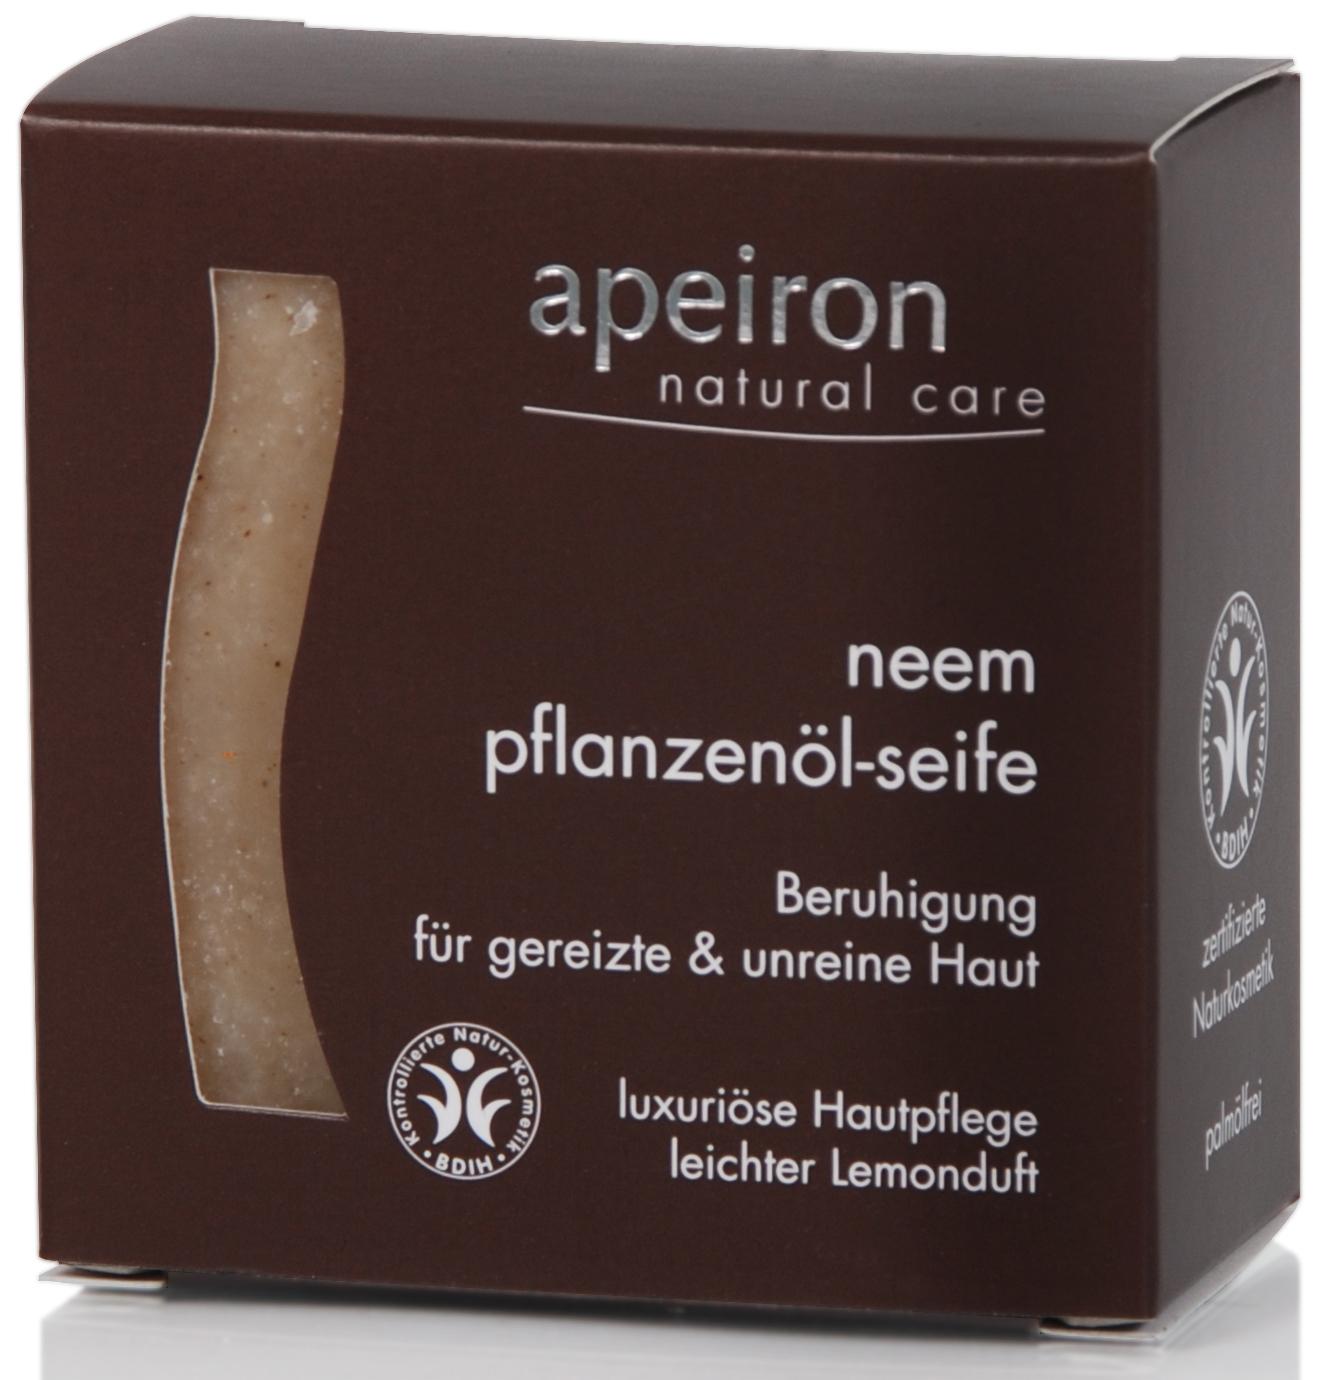 Neem - Beruhigung für gereizte & unreine Haut